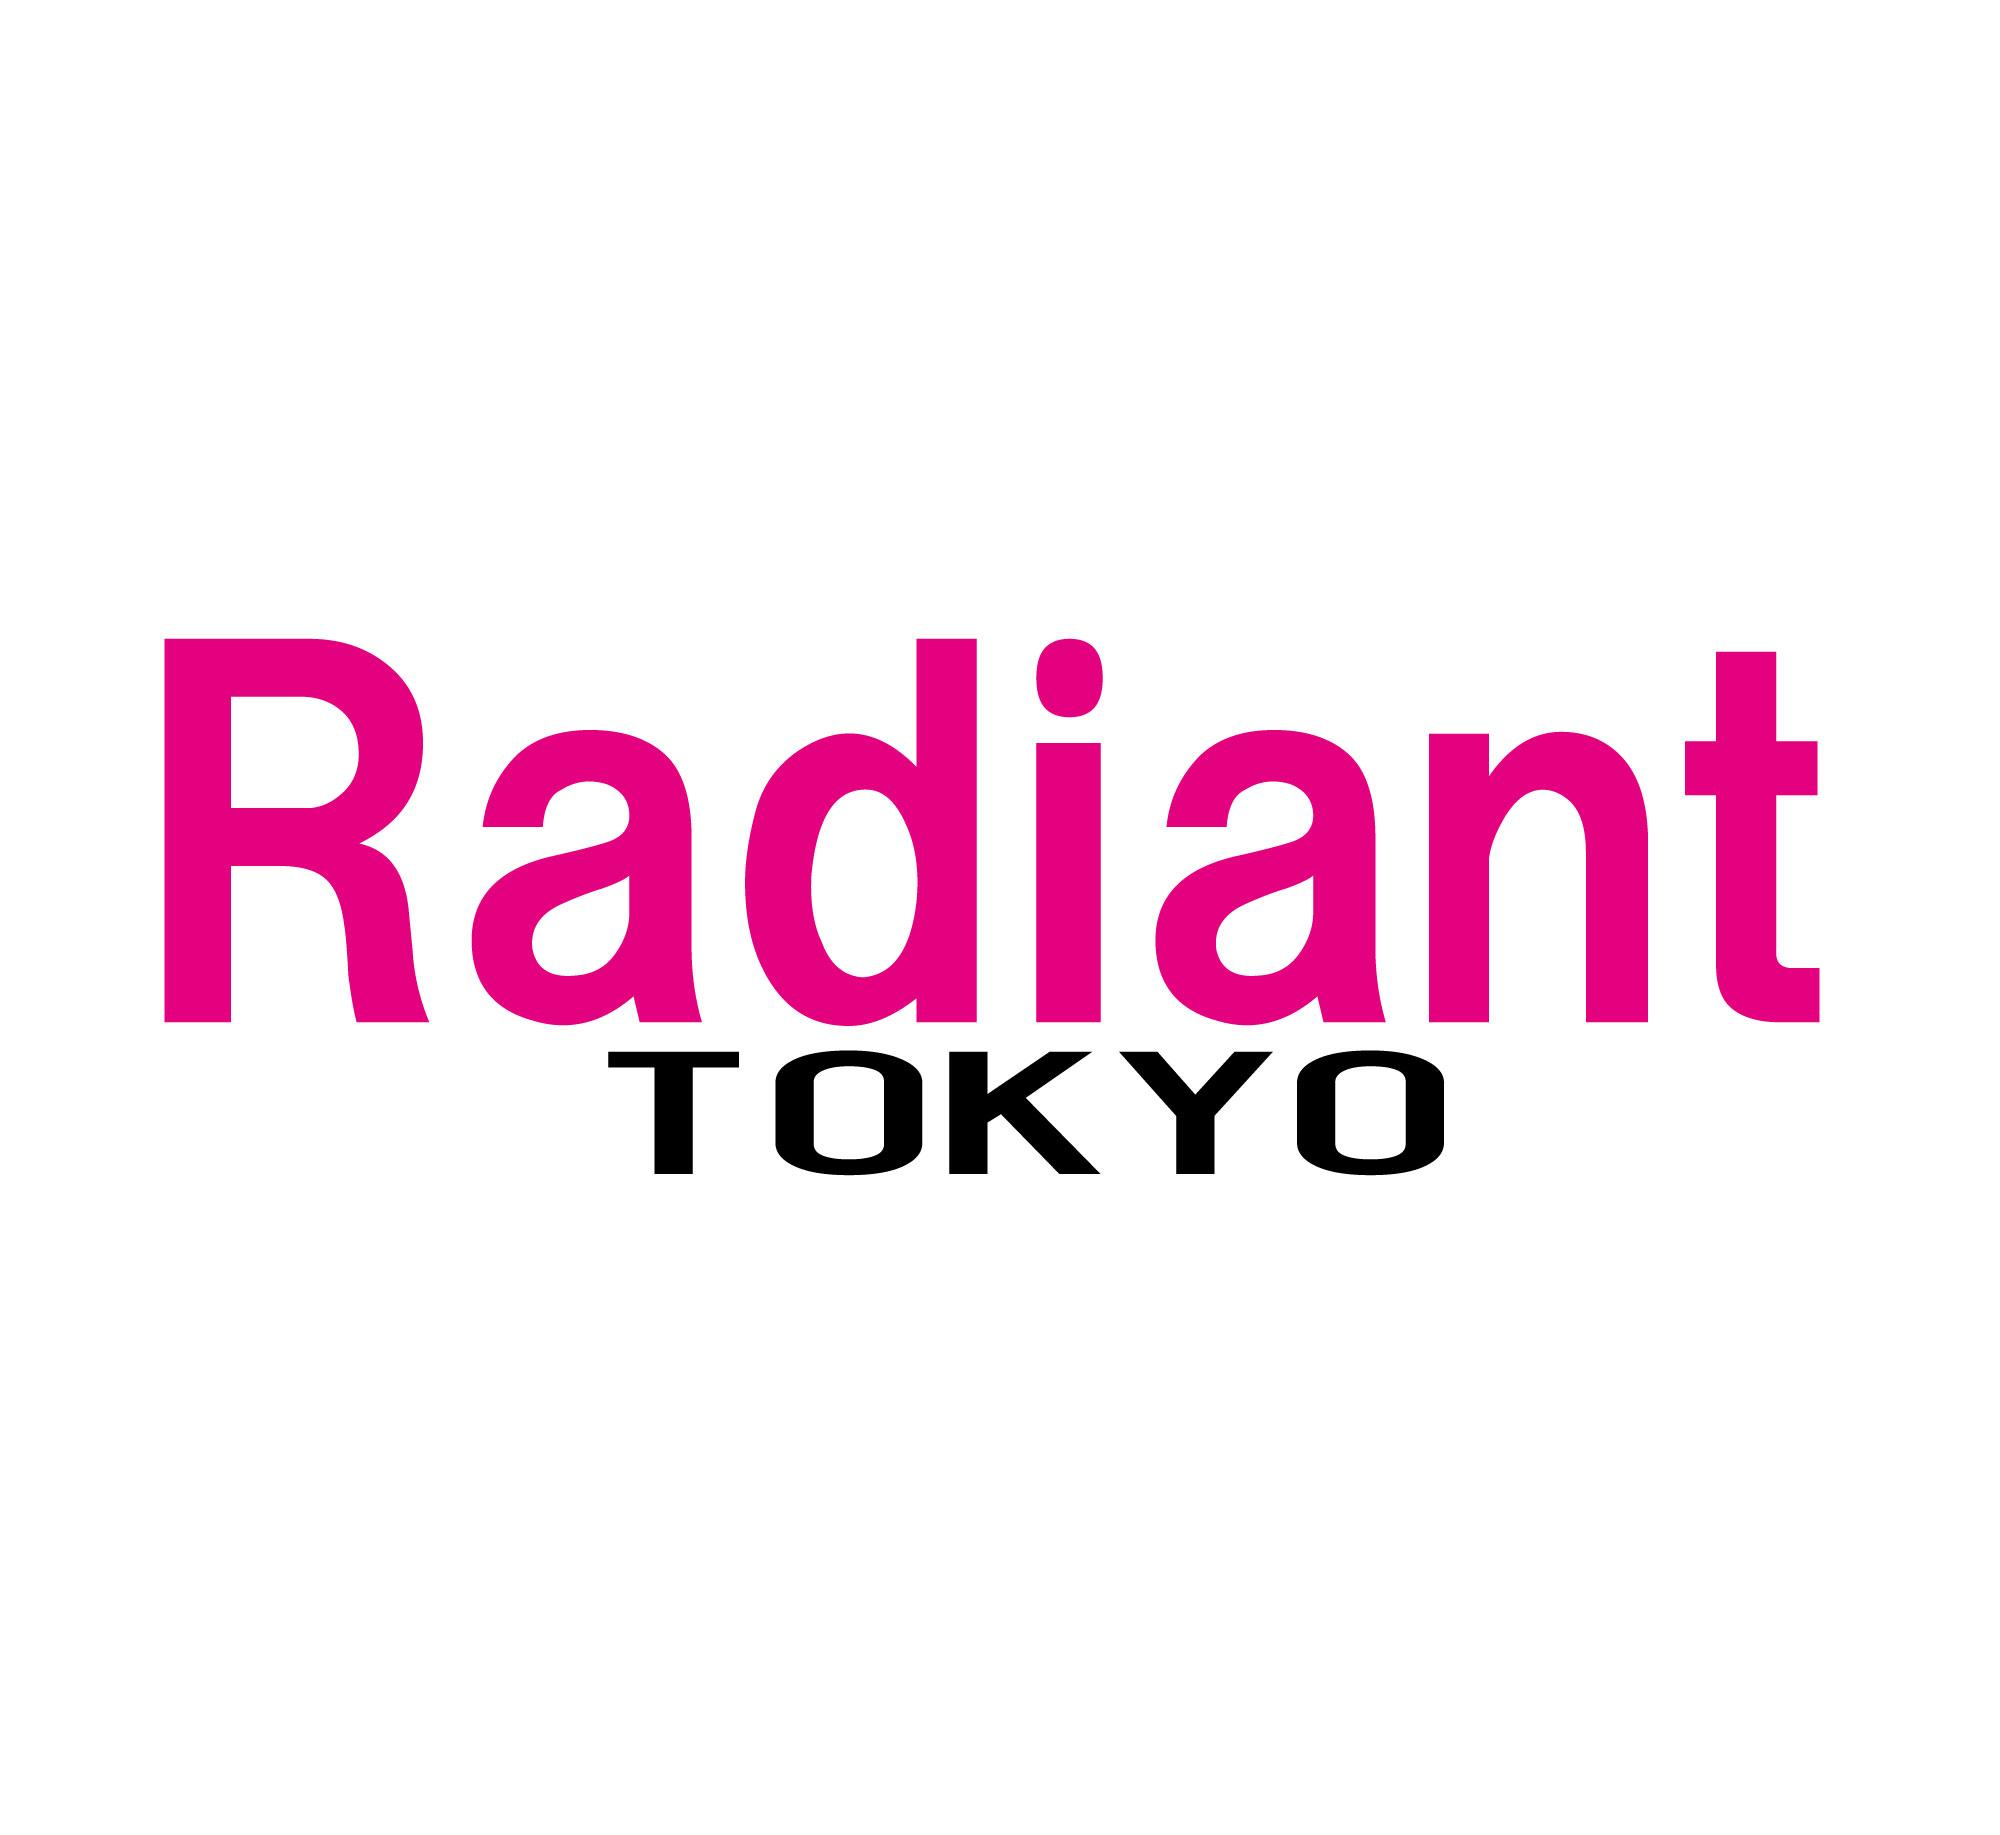 RadiantTOKYO